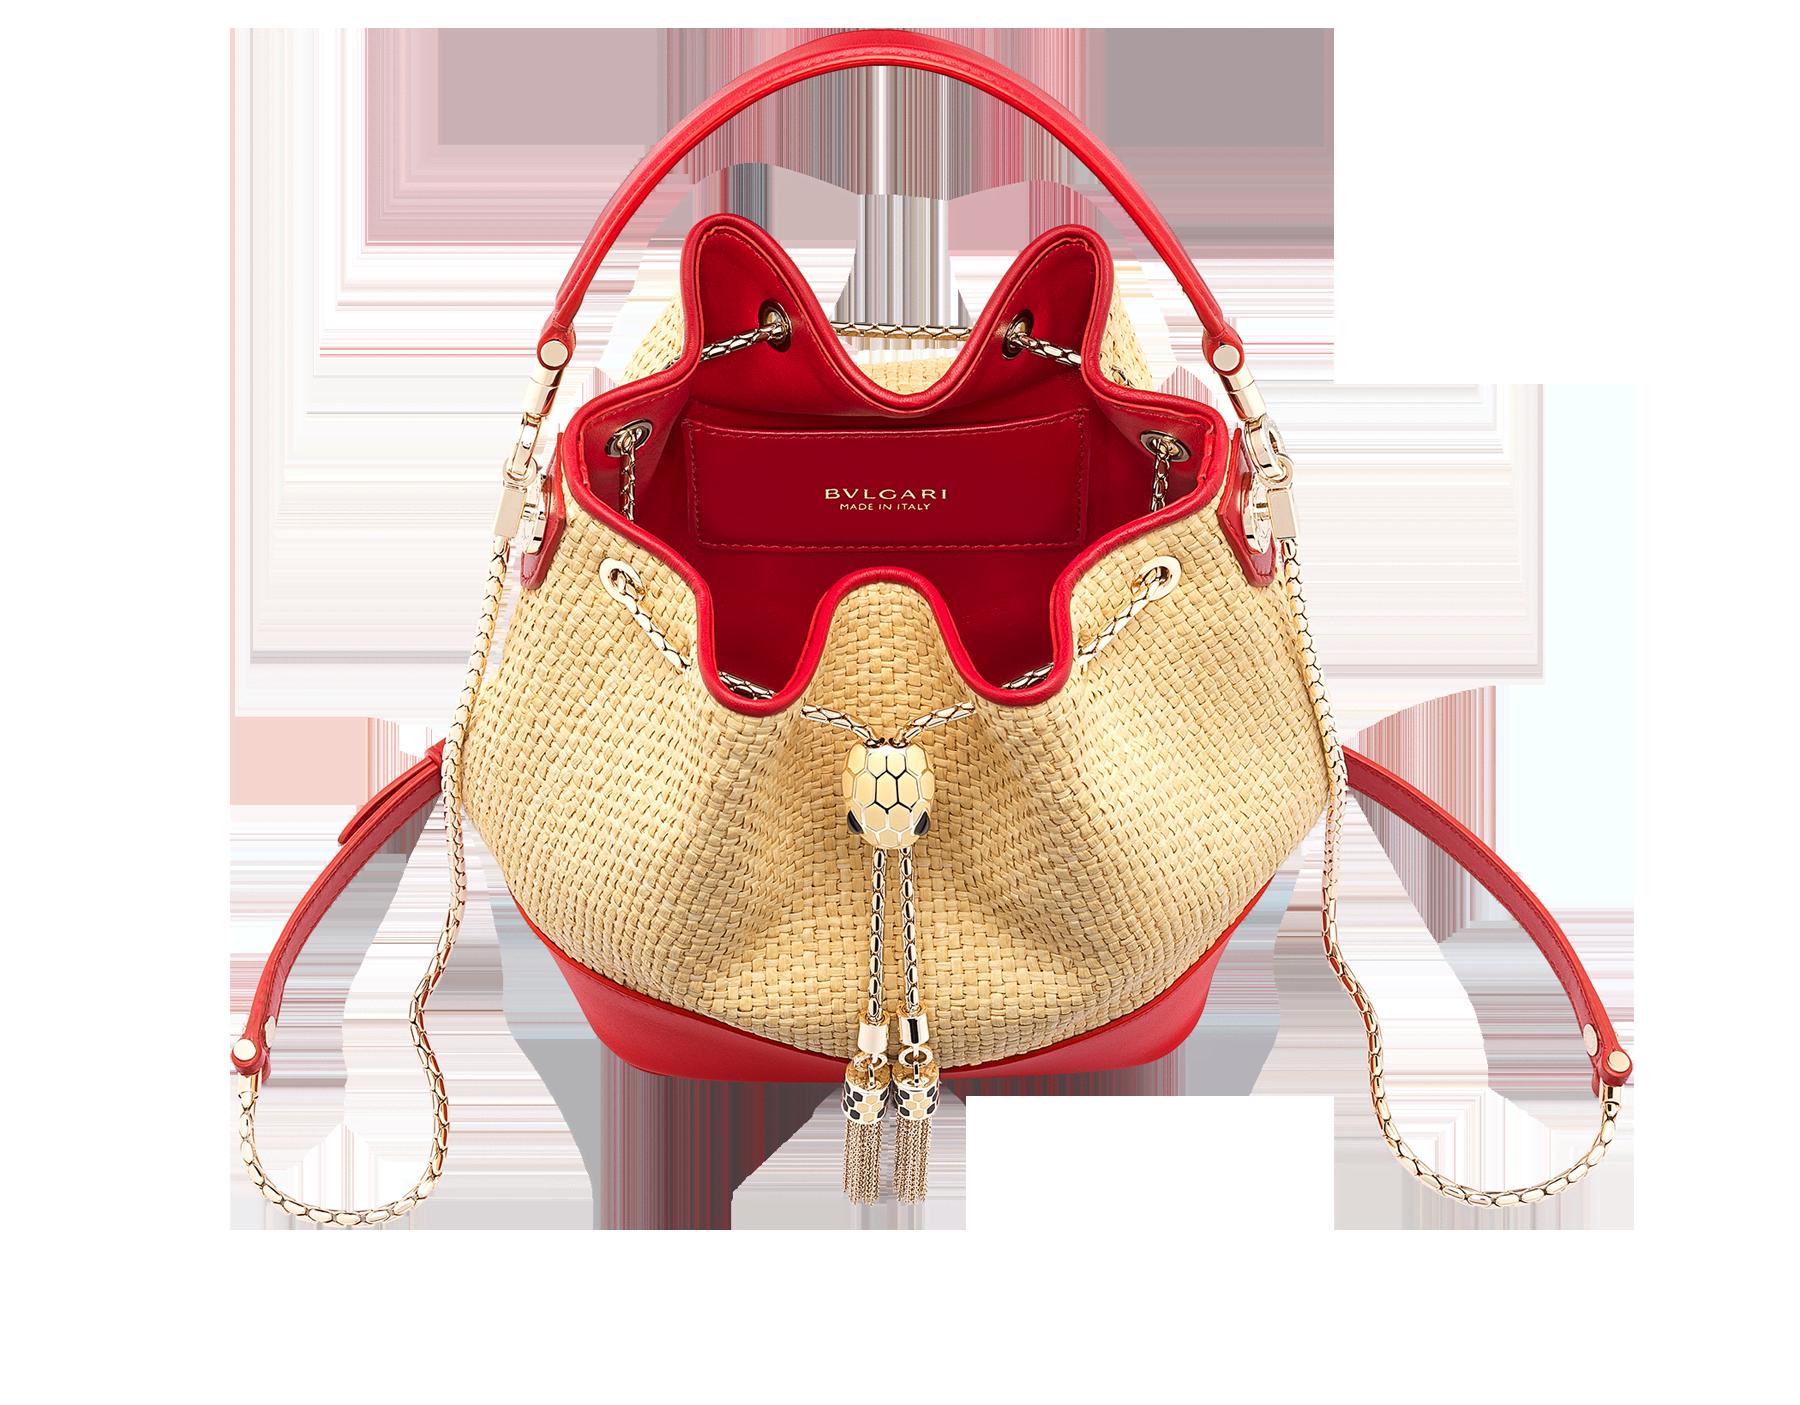 ベージュのラフィアとカーマインジャスパーレッドのカーフレザーを使用した「セルペンティ フォーエバー」スモールバケットバッグ。カーマインジャスパーレッドのナッパレザー製ライニングを内側に施しています。 ライトゴールドプレートブラスの魅惑的なスネークヘッドクロージャー。フルマットナチュラルベージュのエナメル加工。ブラックオニキスの目。 290959 image 2